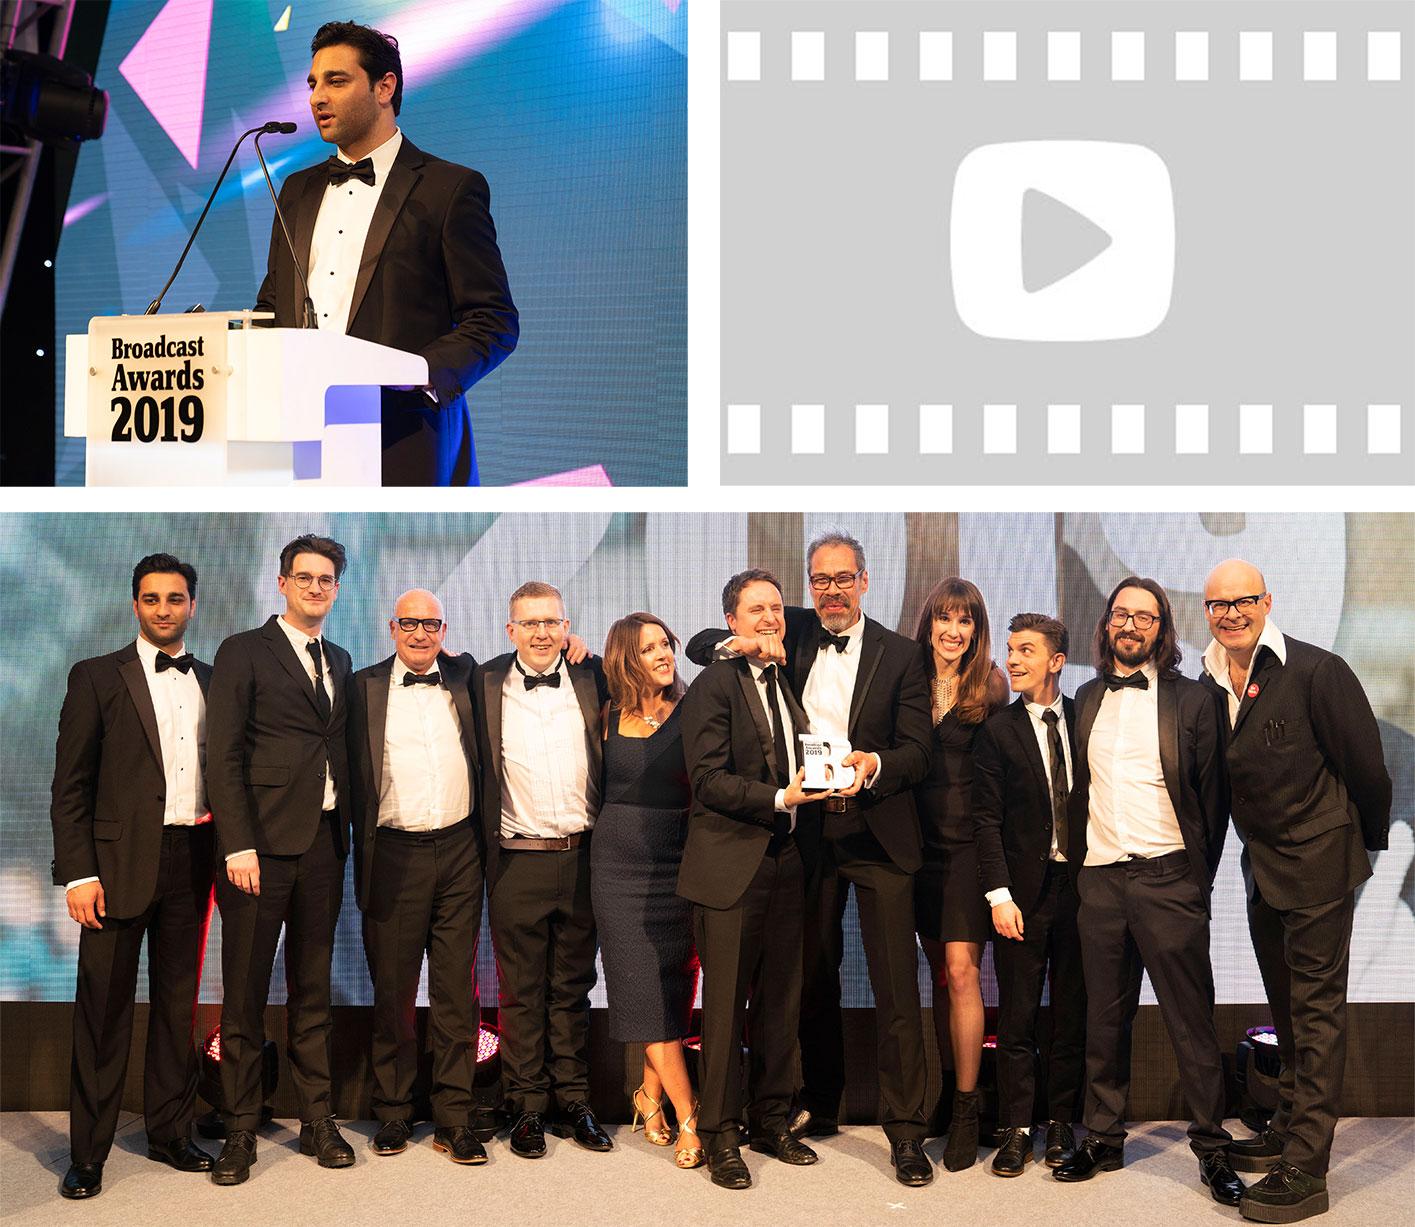 Broadcast Awards 2019